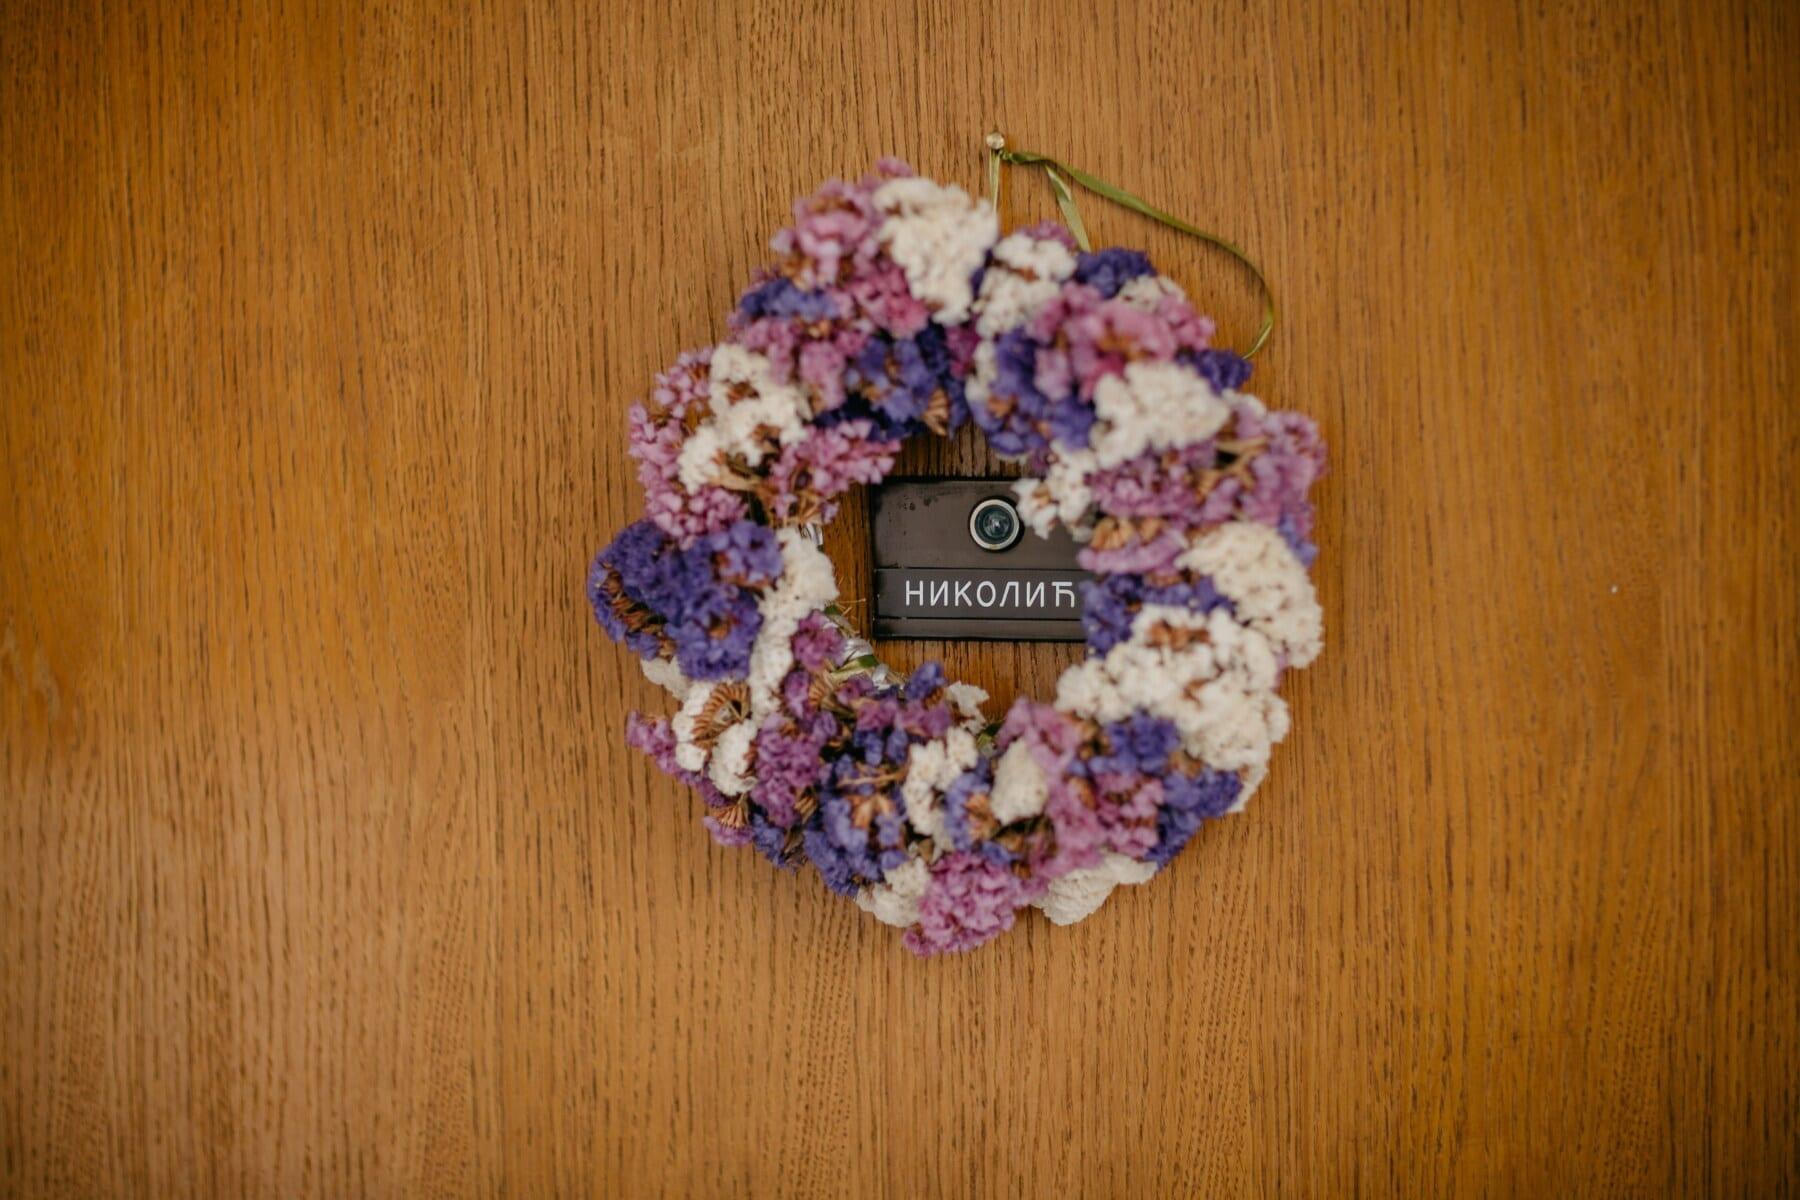 vor der Tür, Name, Familie, Zeichen, Adresse, Text, Tür, Holz, Blume, aus Holz